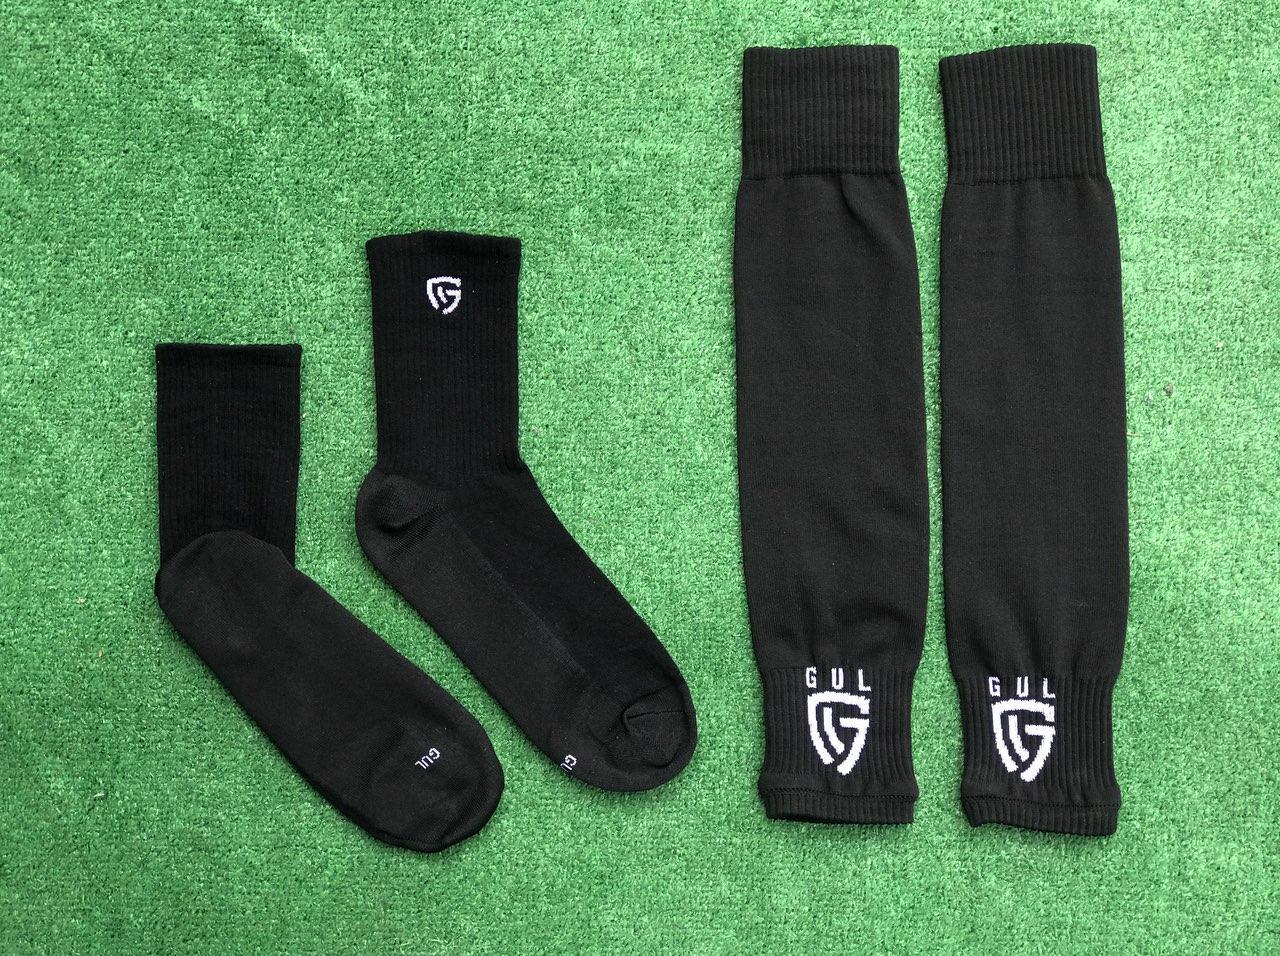 Гетры футбольные без носка + носки GUL(черные)/комплект/обрезки/для футбола